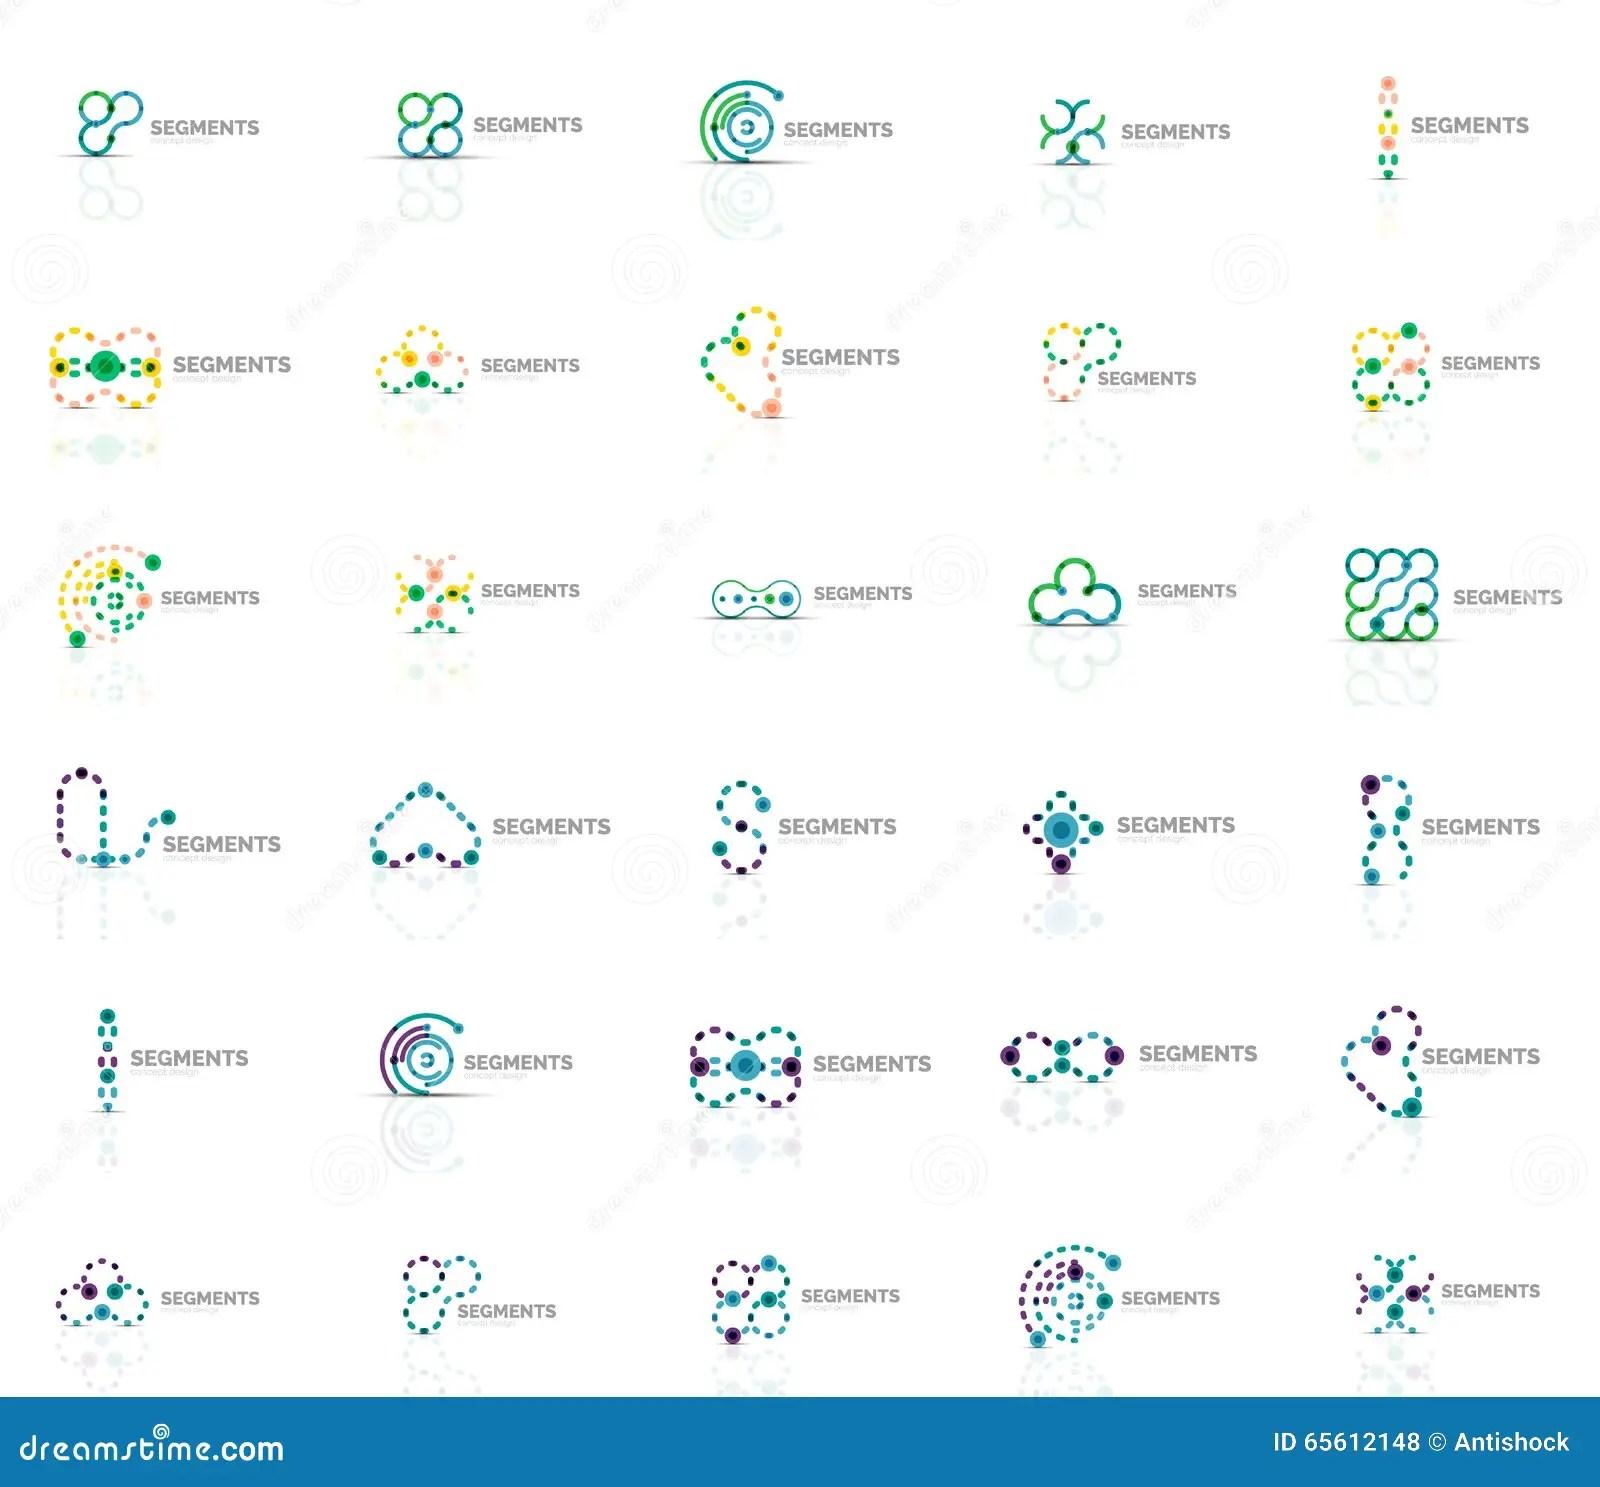 Machining surface finish symbols chart images symbol and sign ideas machining symbols and meanings buycottarizona images buycottarizona Choice Image